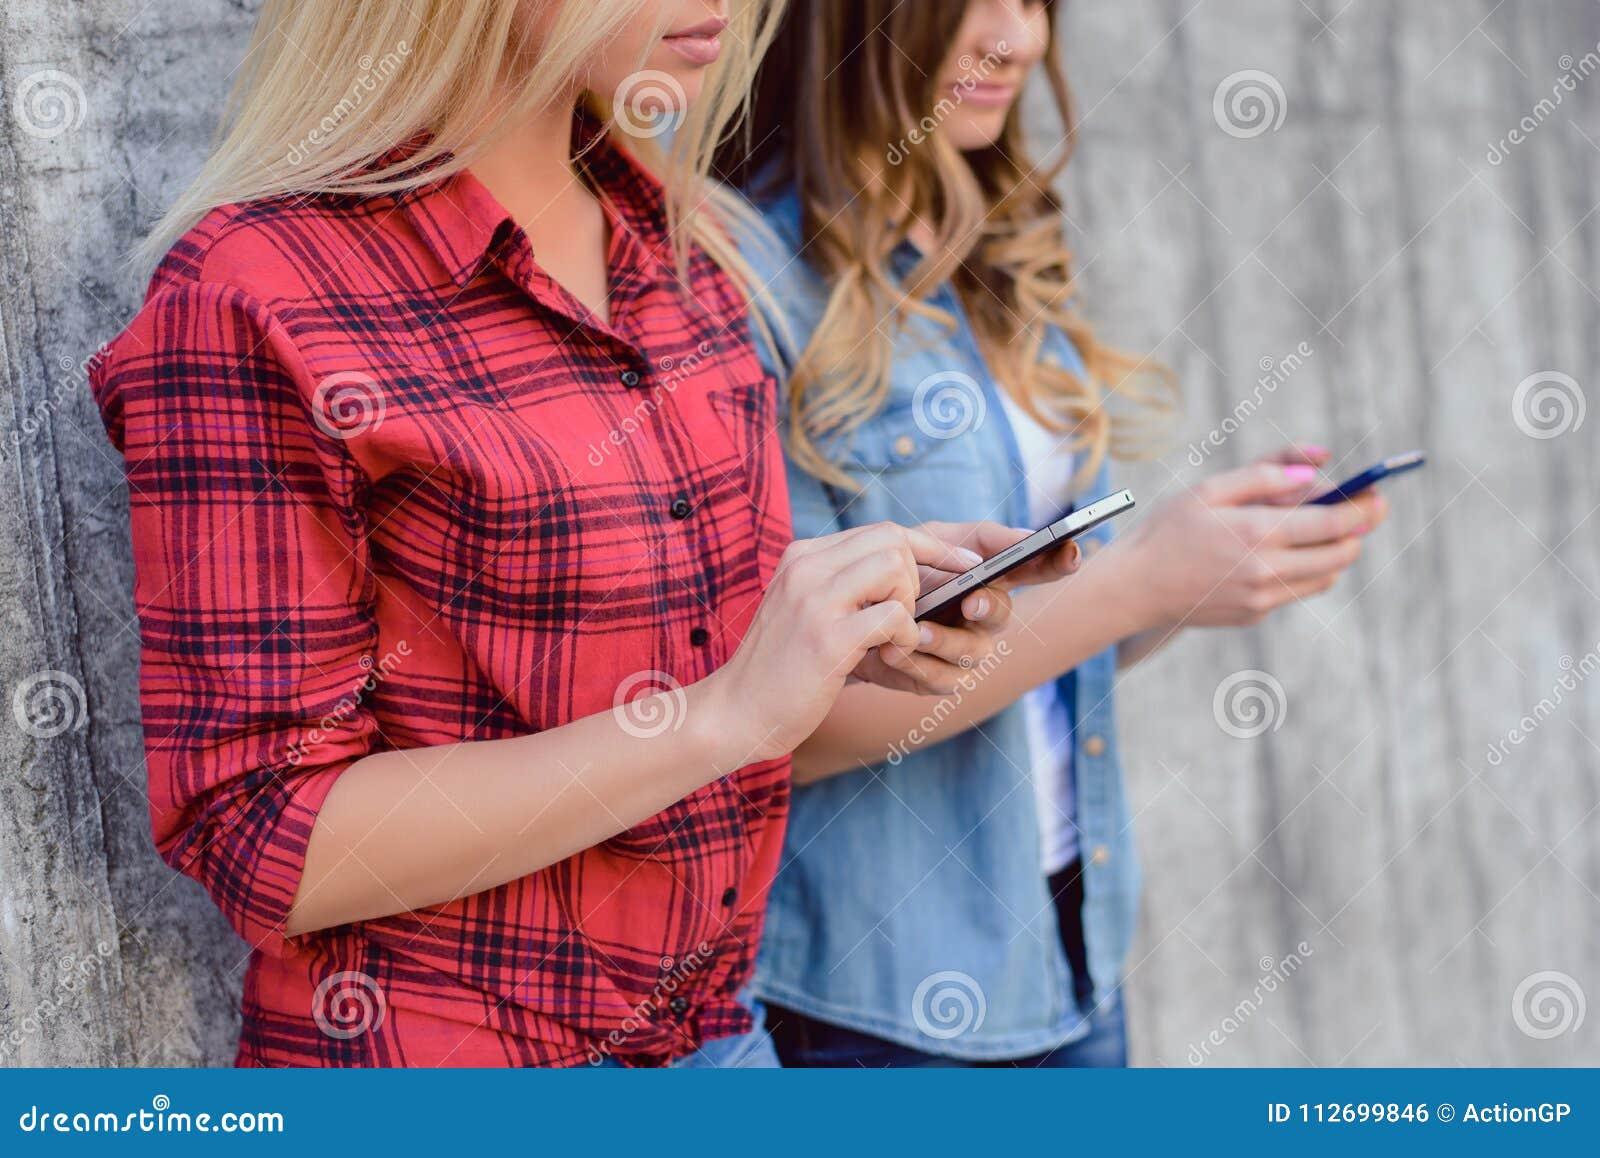 El resto a cuadros rojo del ocio de la forma de vida del apego de la camisa relaja medios concepto adolescente obsesionado gente